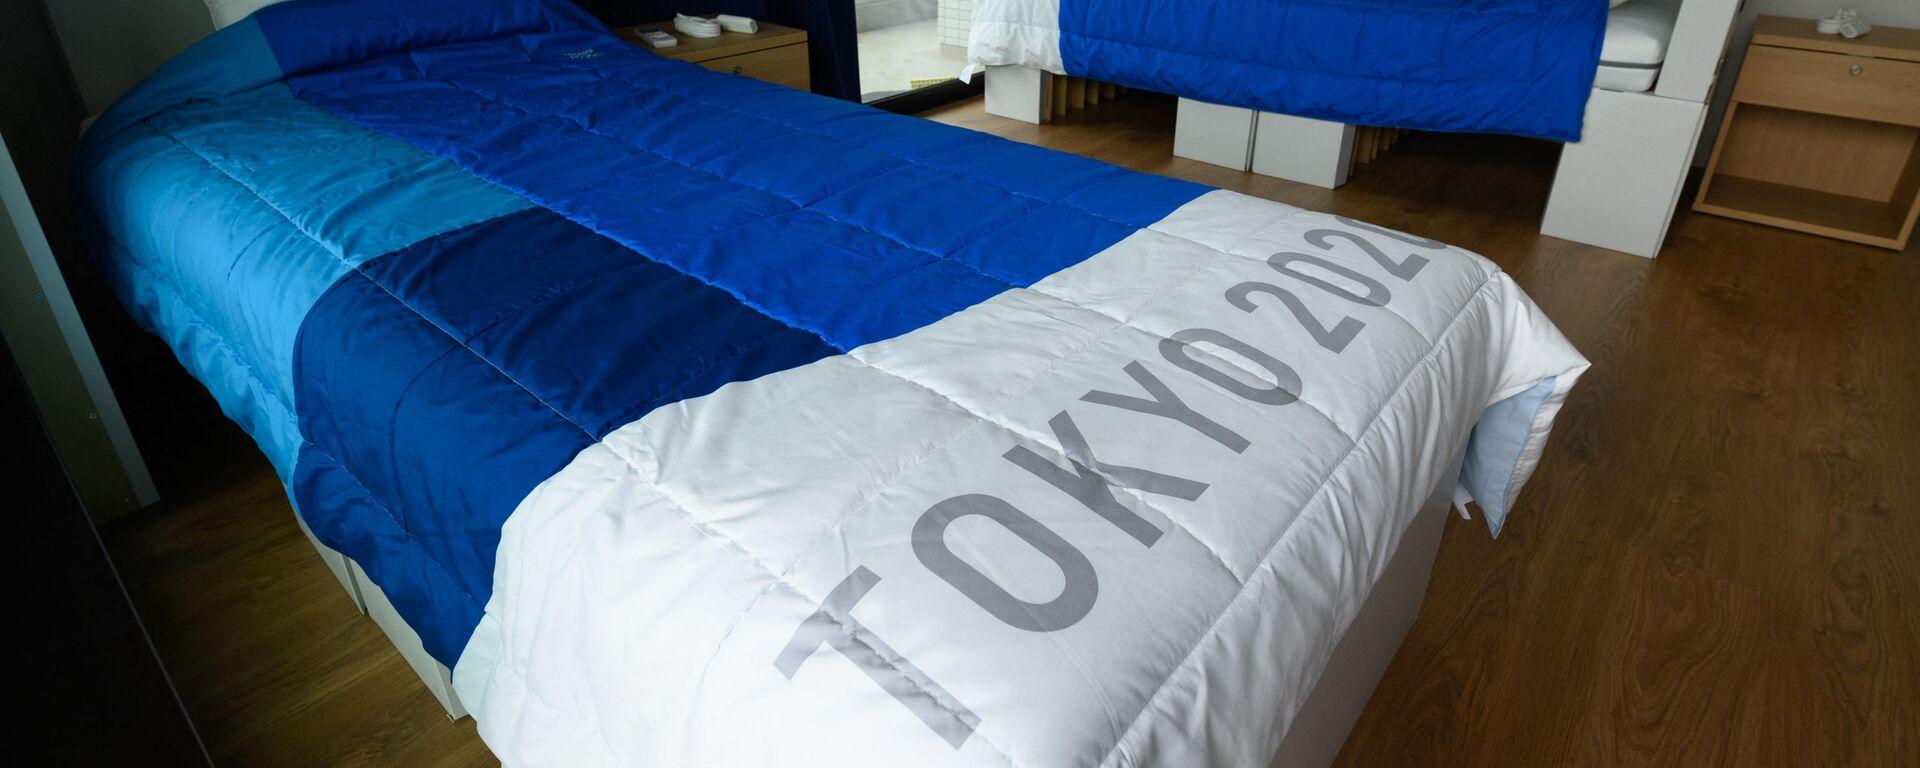 Картонные кровати в Олимпийской деревне Токио - Sputnik Абхазия, 1920, 28.07.2021